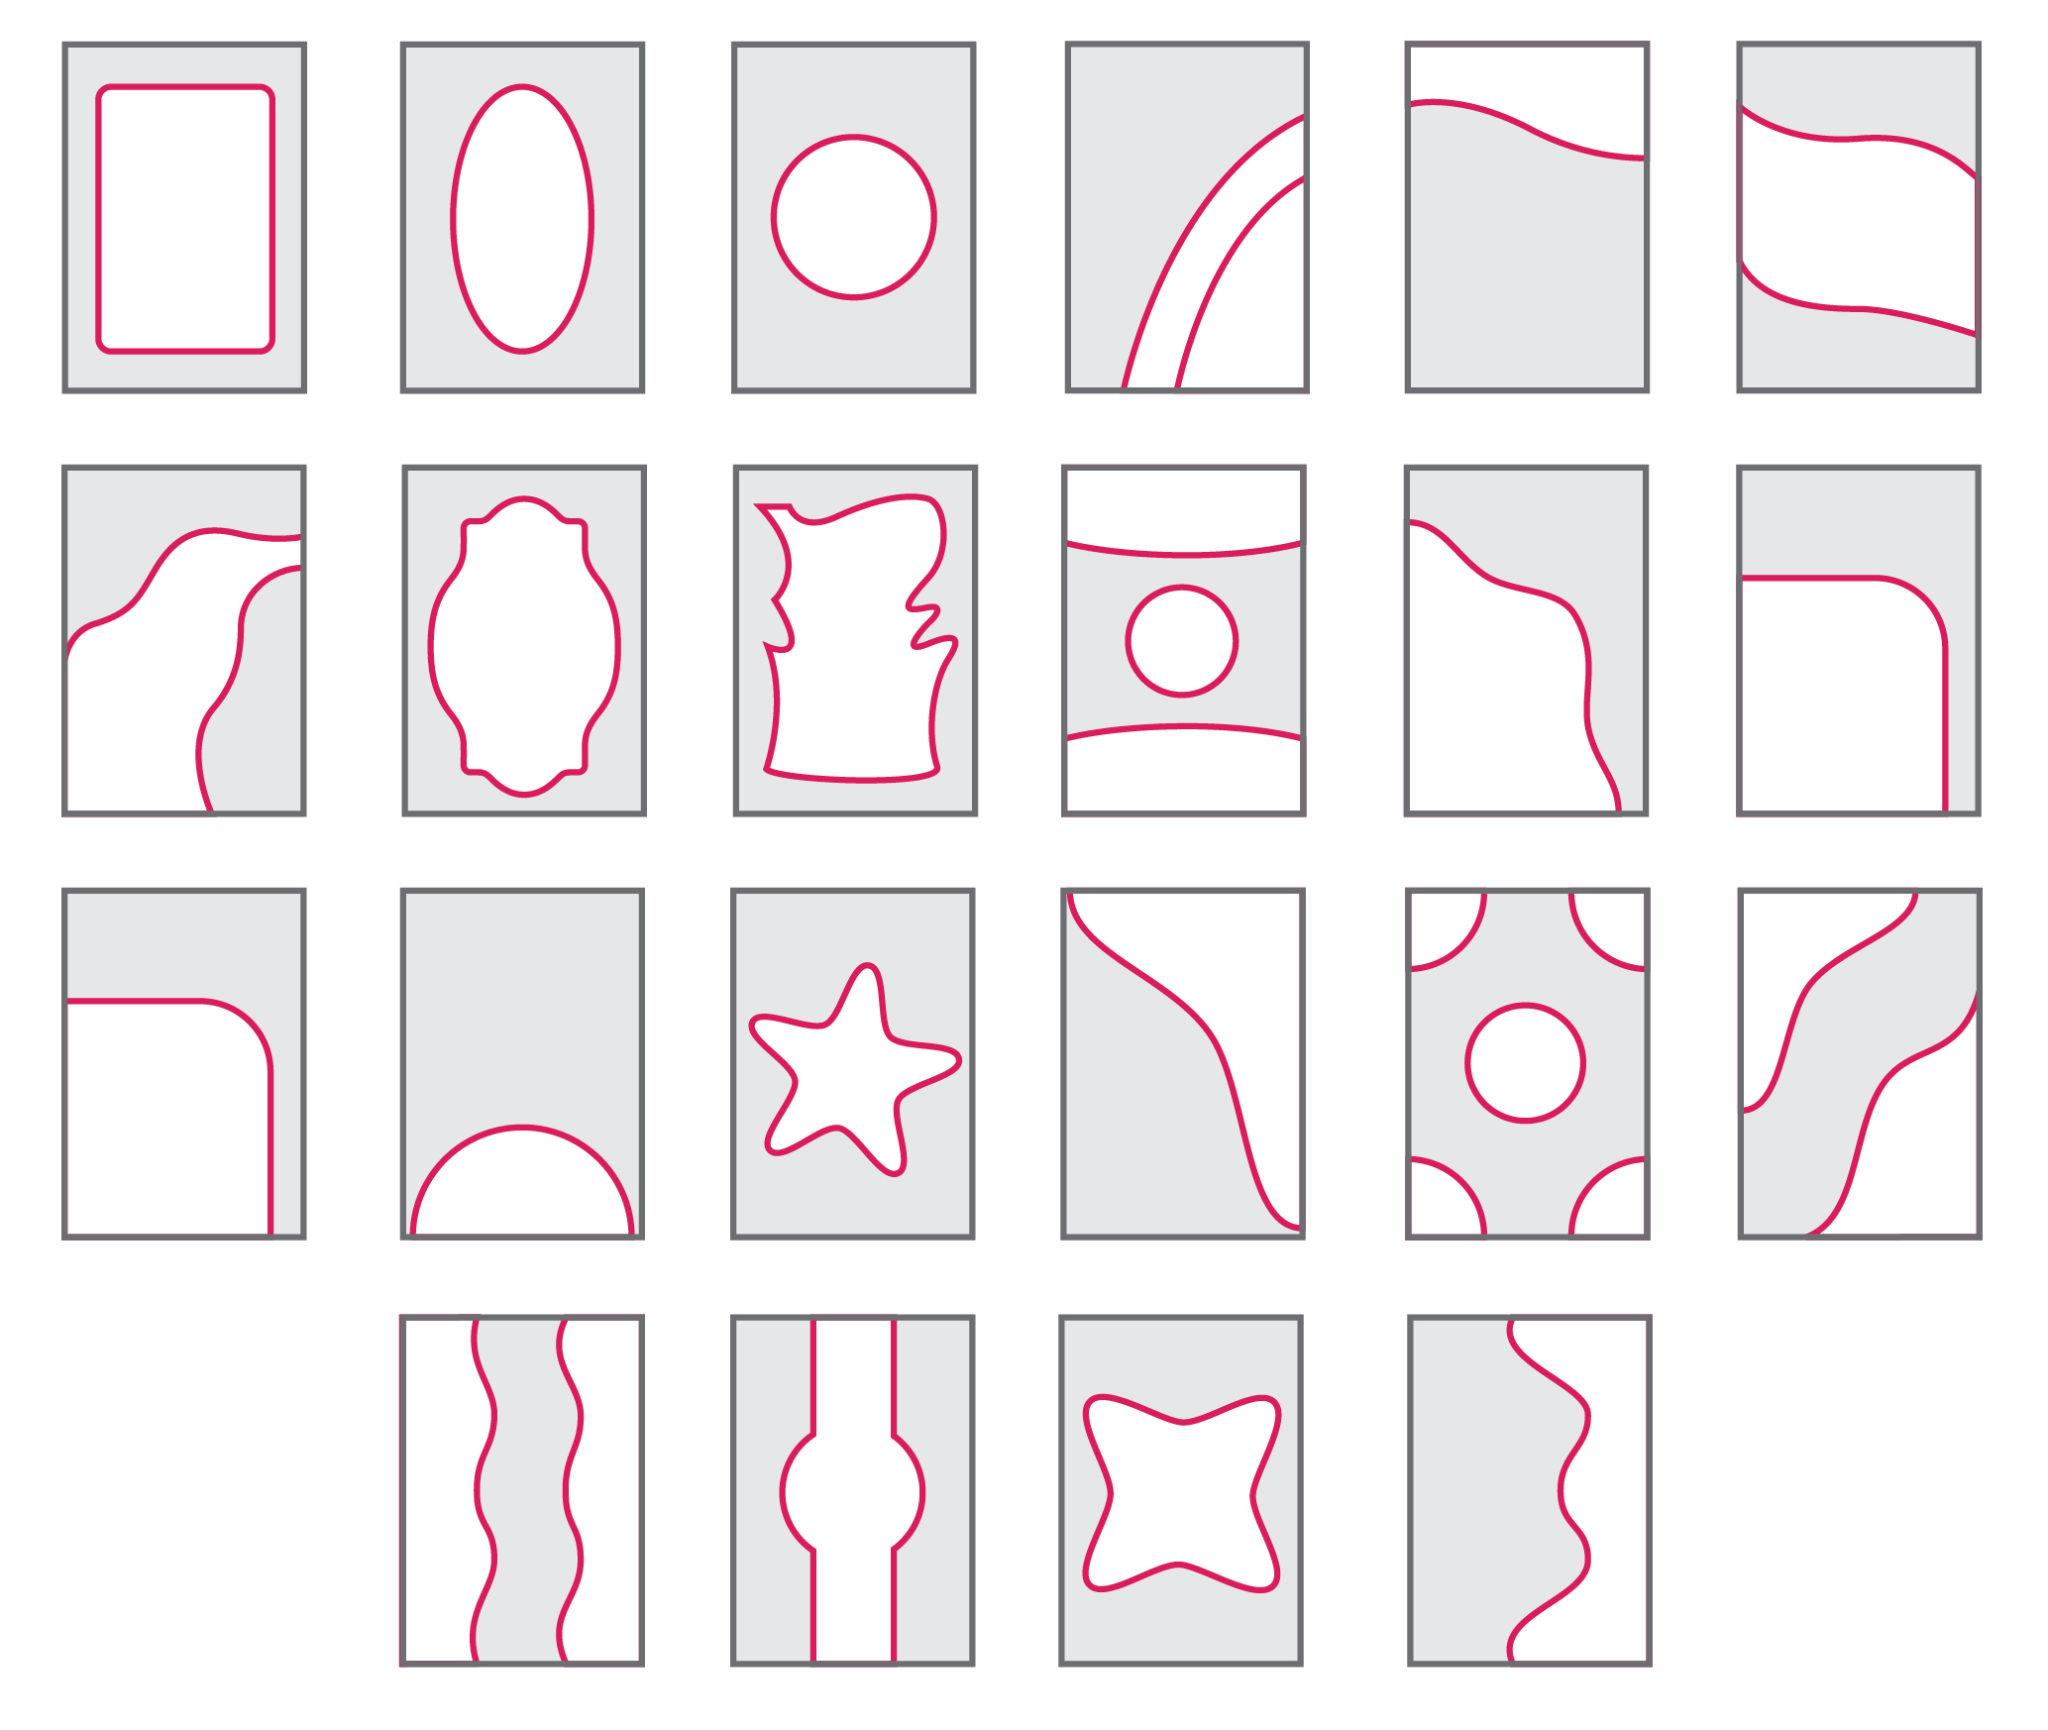 Вариантов конфигураций двухуровневых потолков очень много. Здесь мы представили вашему вниманию лишь часть из них